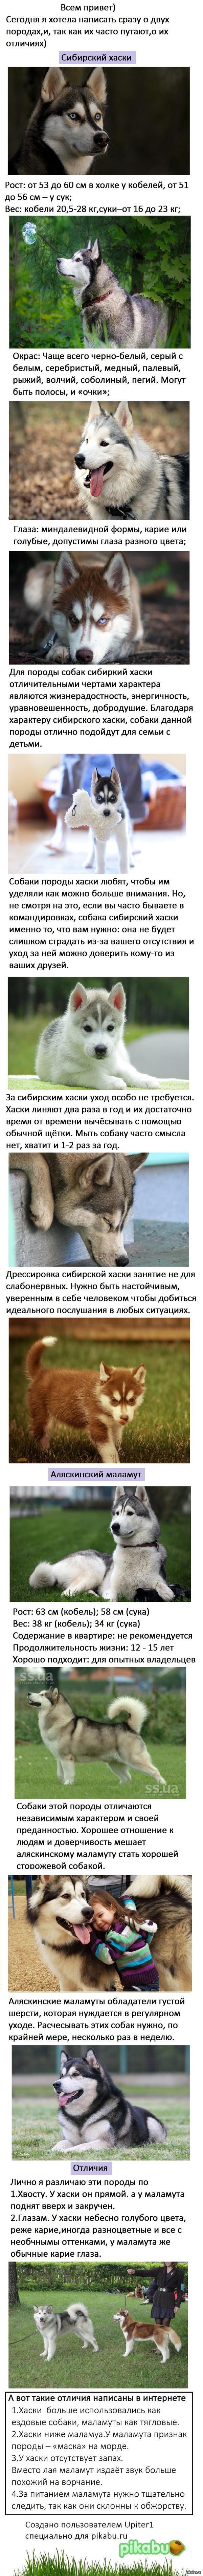 Подробно о породе. Сибирская лайка и аляскинский маламут. Сравнение